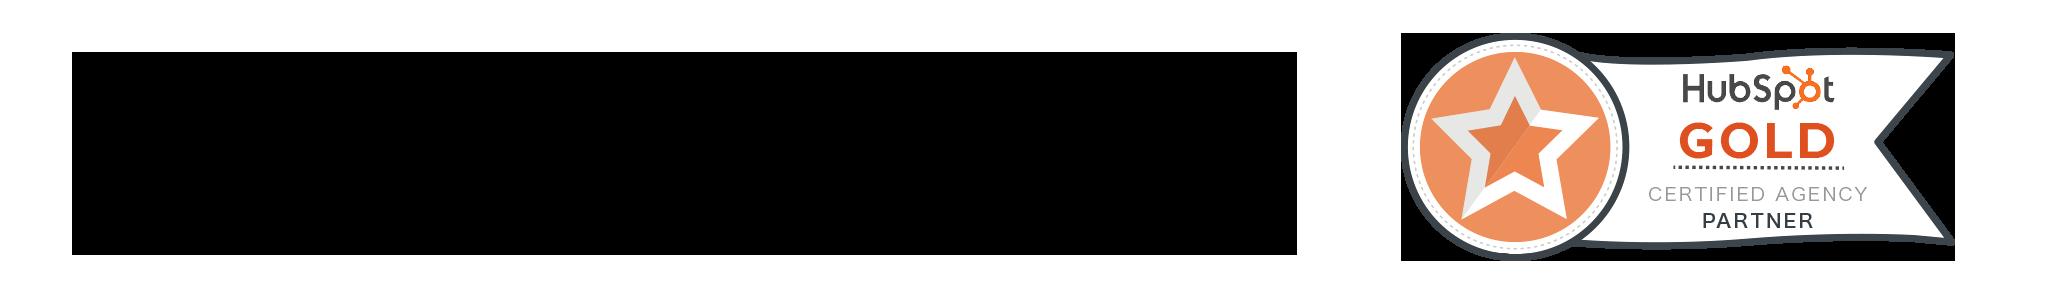 datasocial_hubspot_gold-2